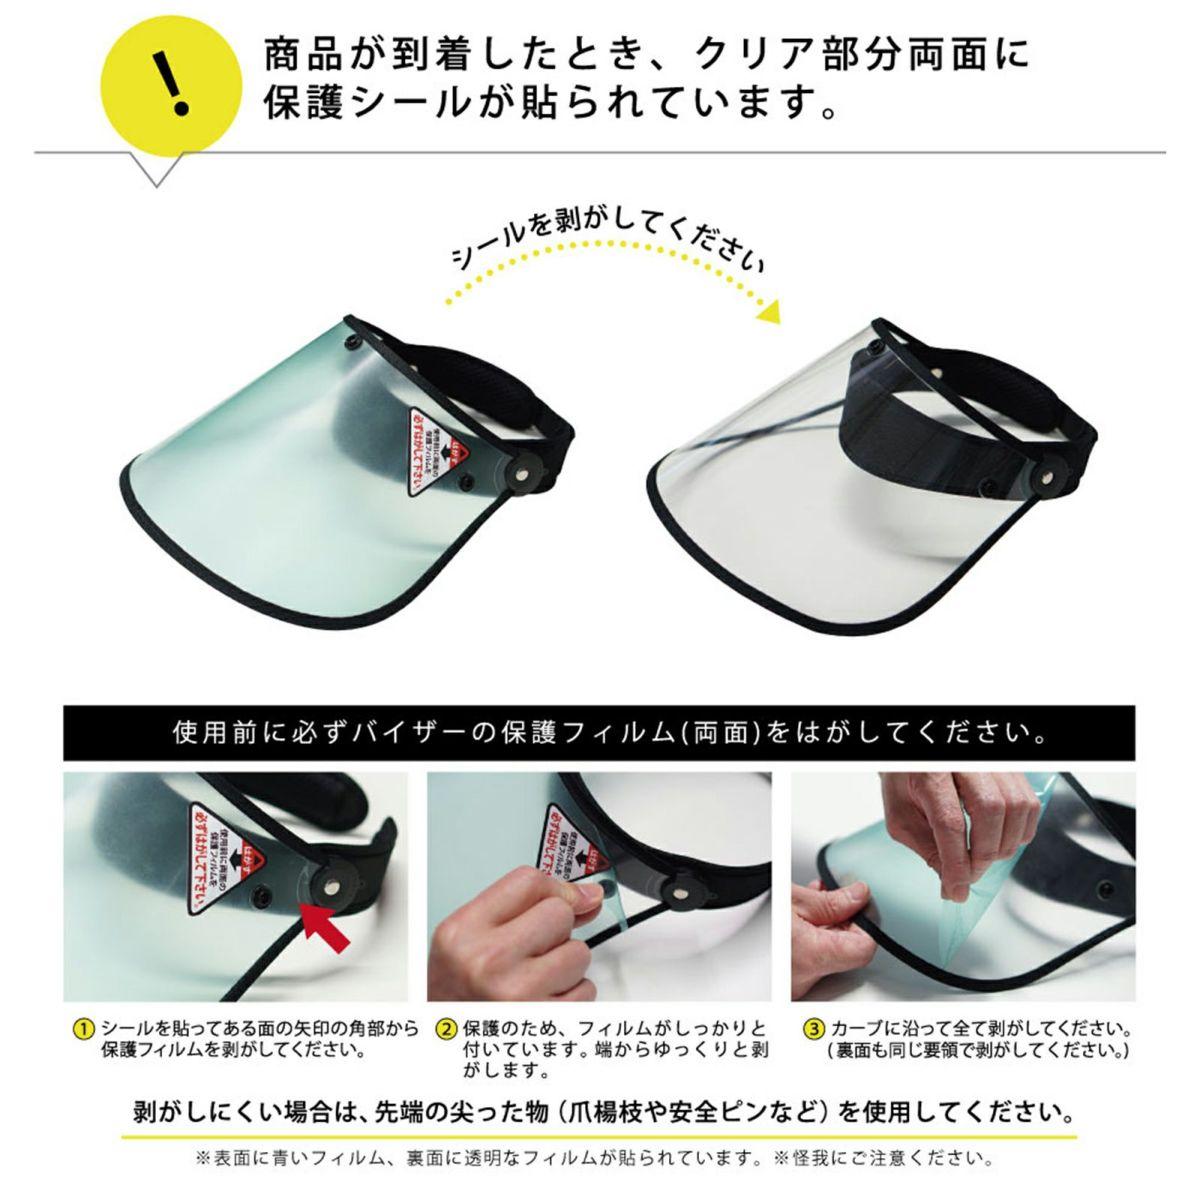 V-002 レインバイザー 購入時の保護シールは剥がしてご利用ください